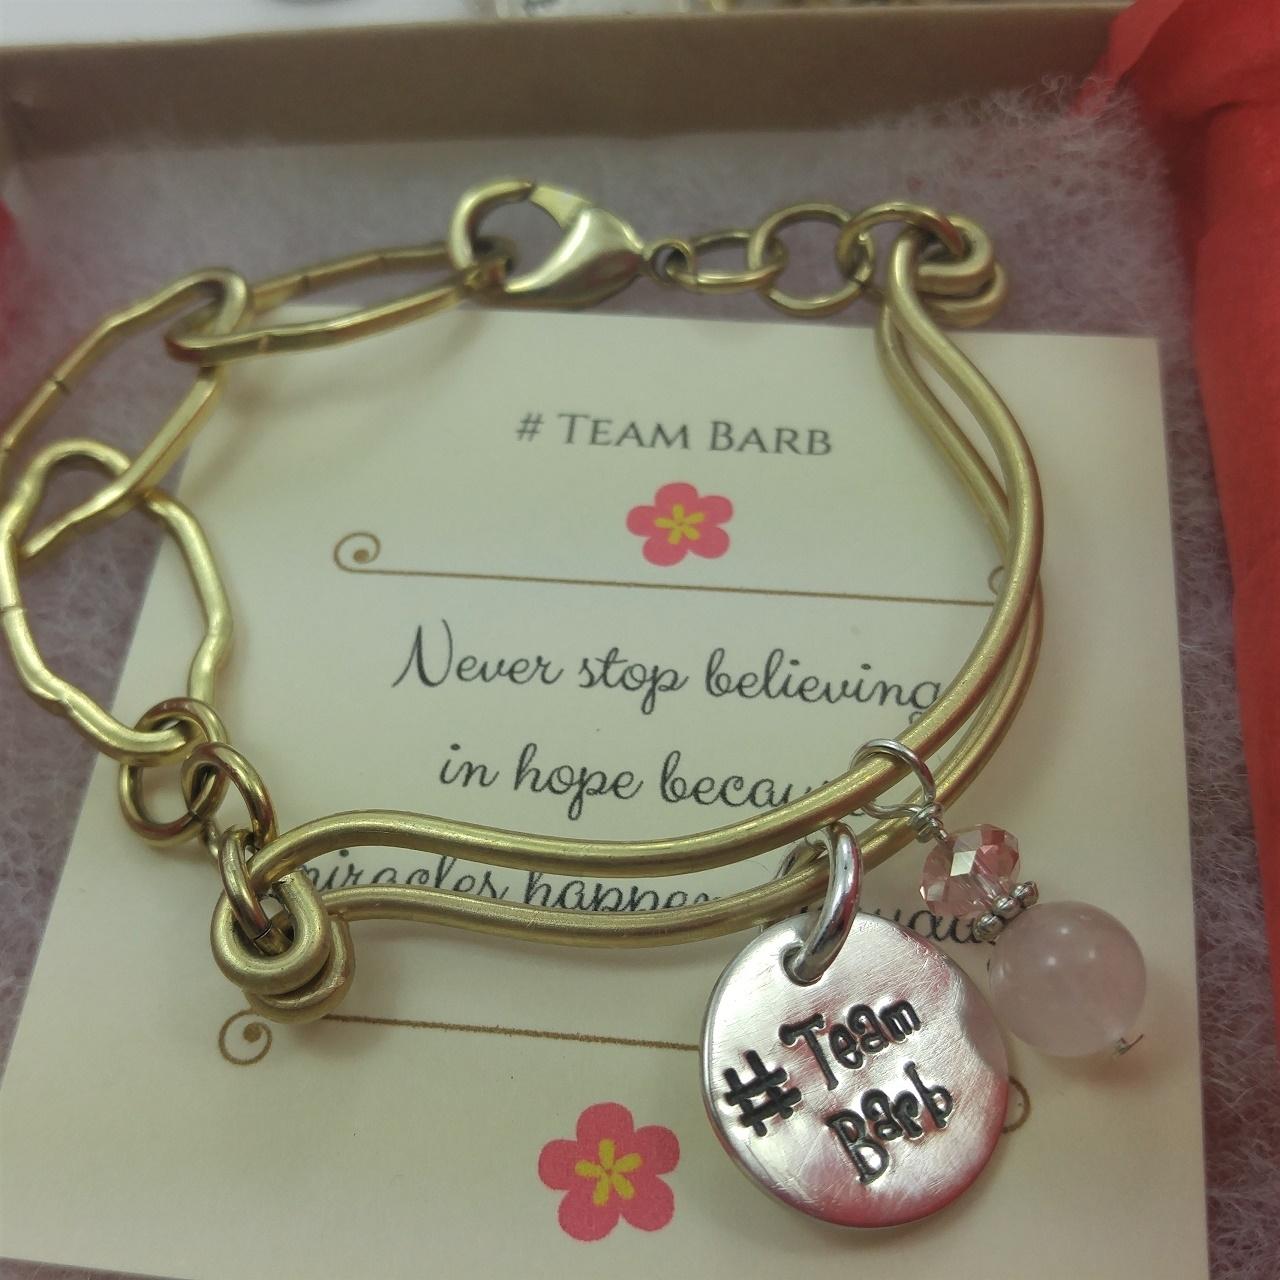 Group Bracelets for #Team Barb